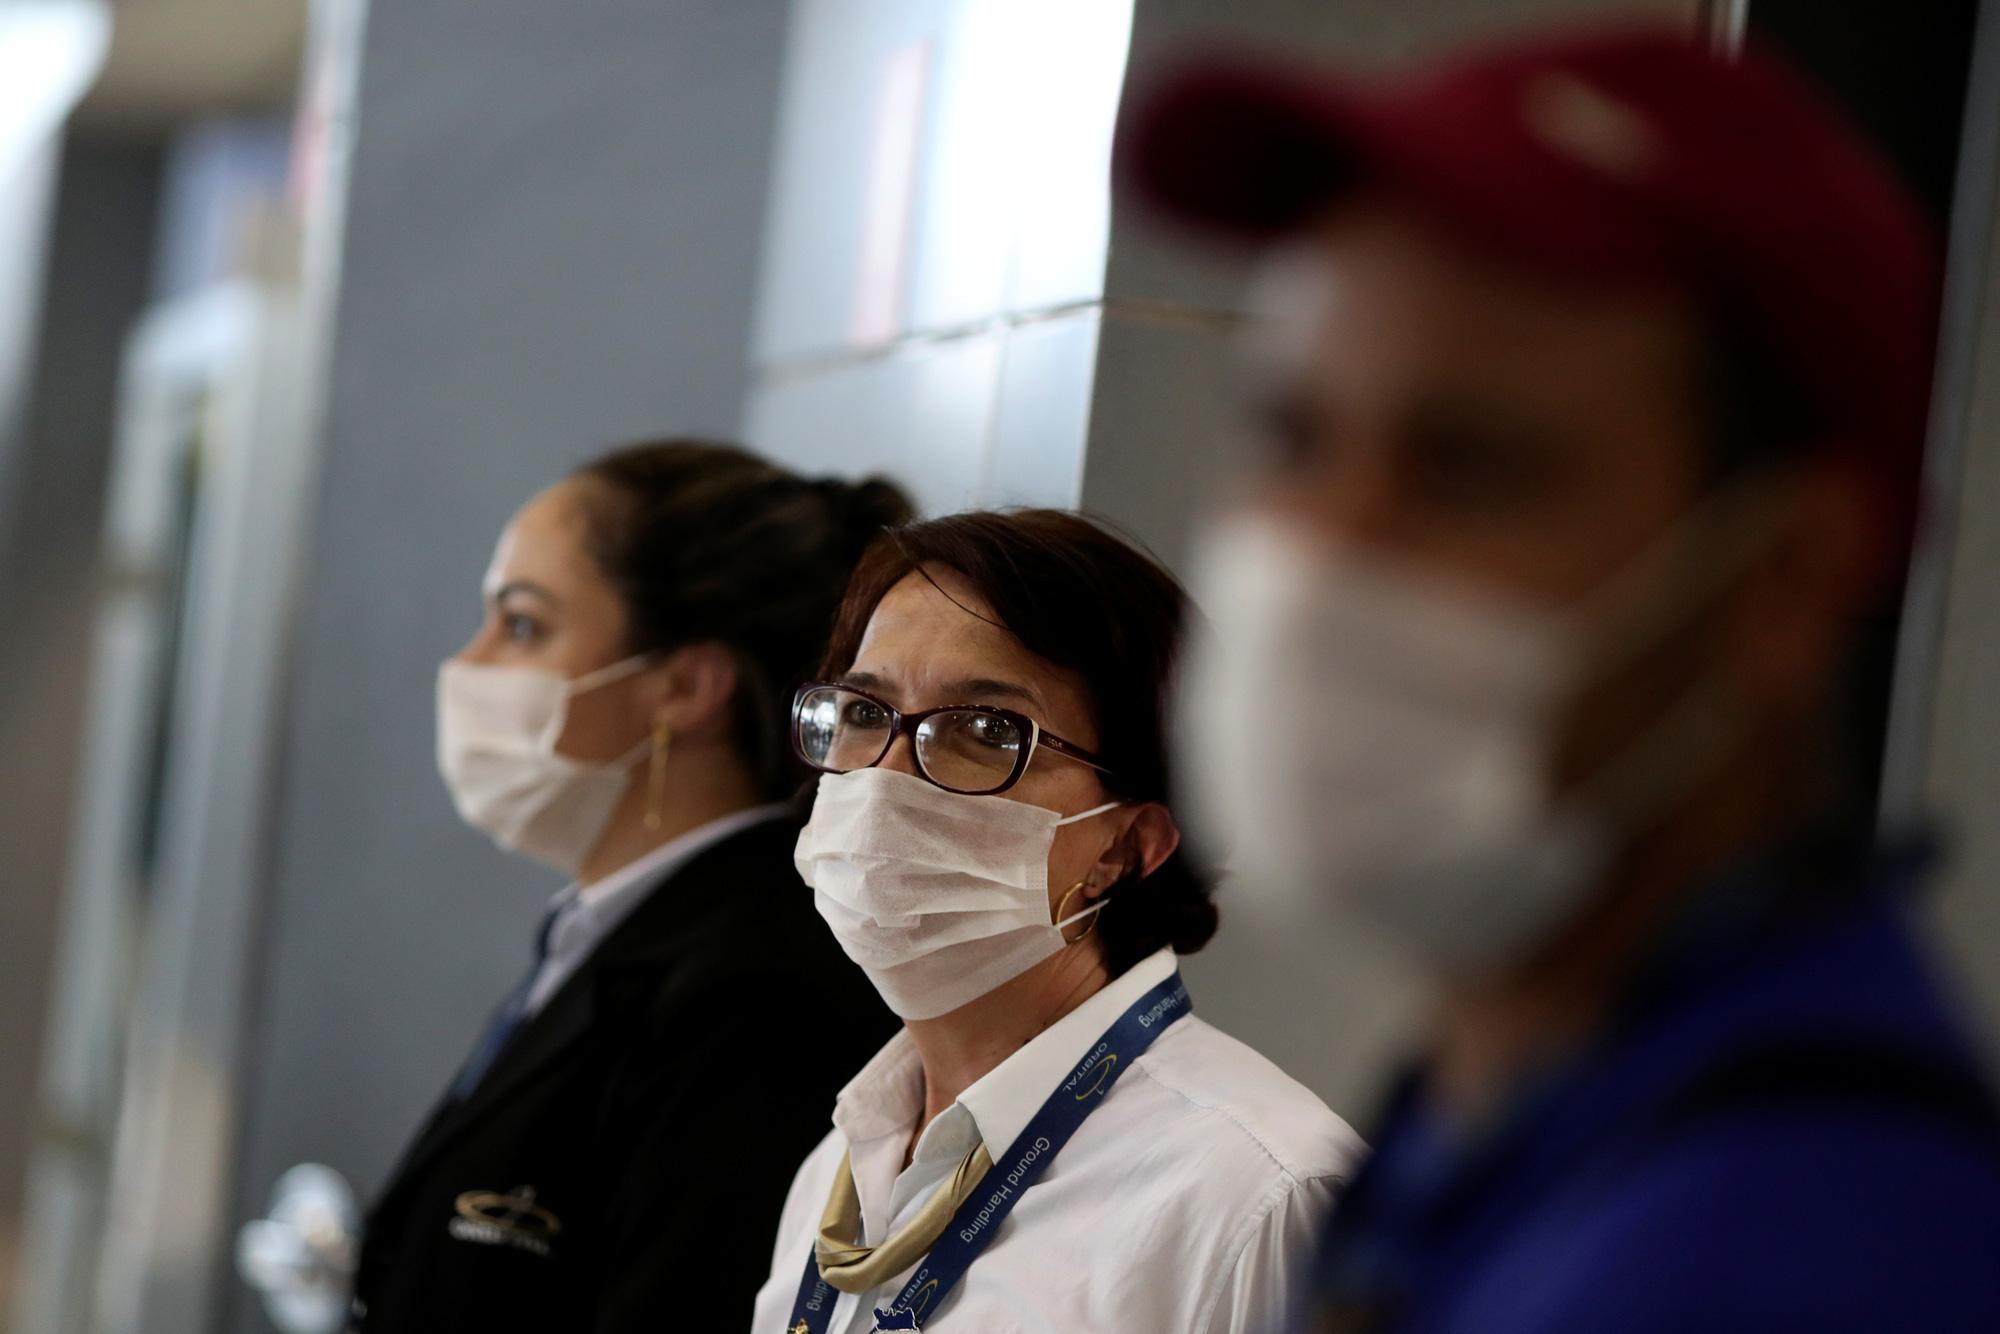 Đeo khẩu trang để hạn chế khả năng lây nhiễm dịch bệnh